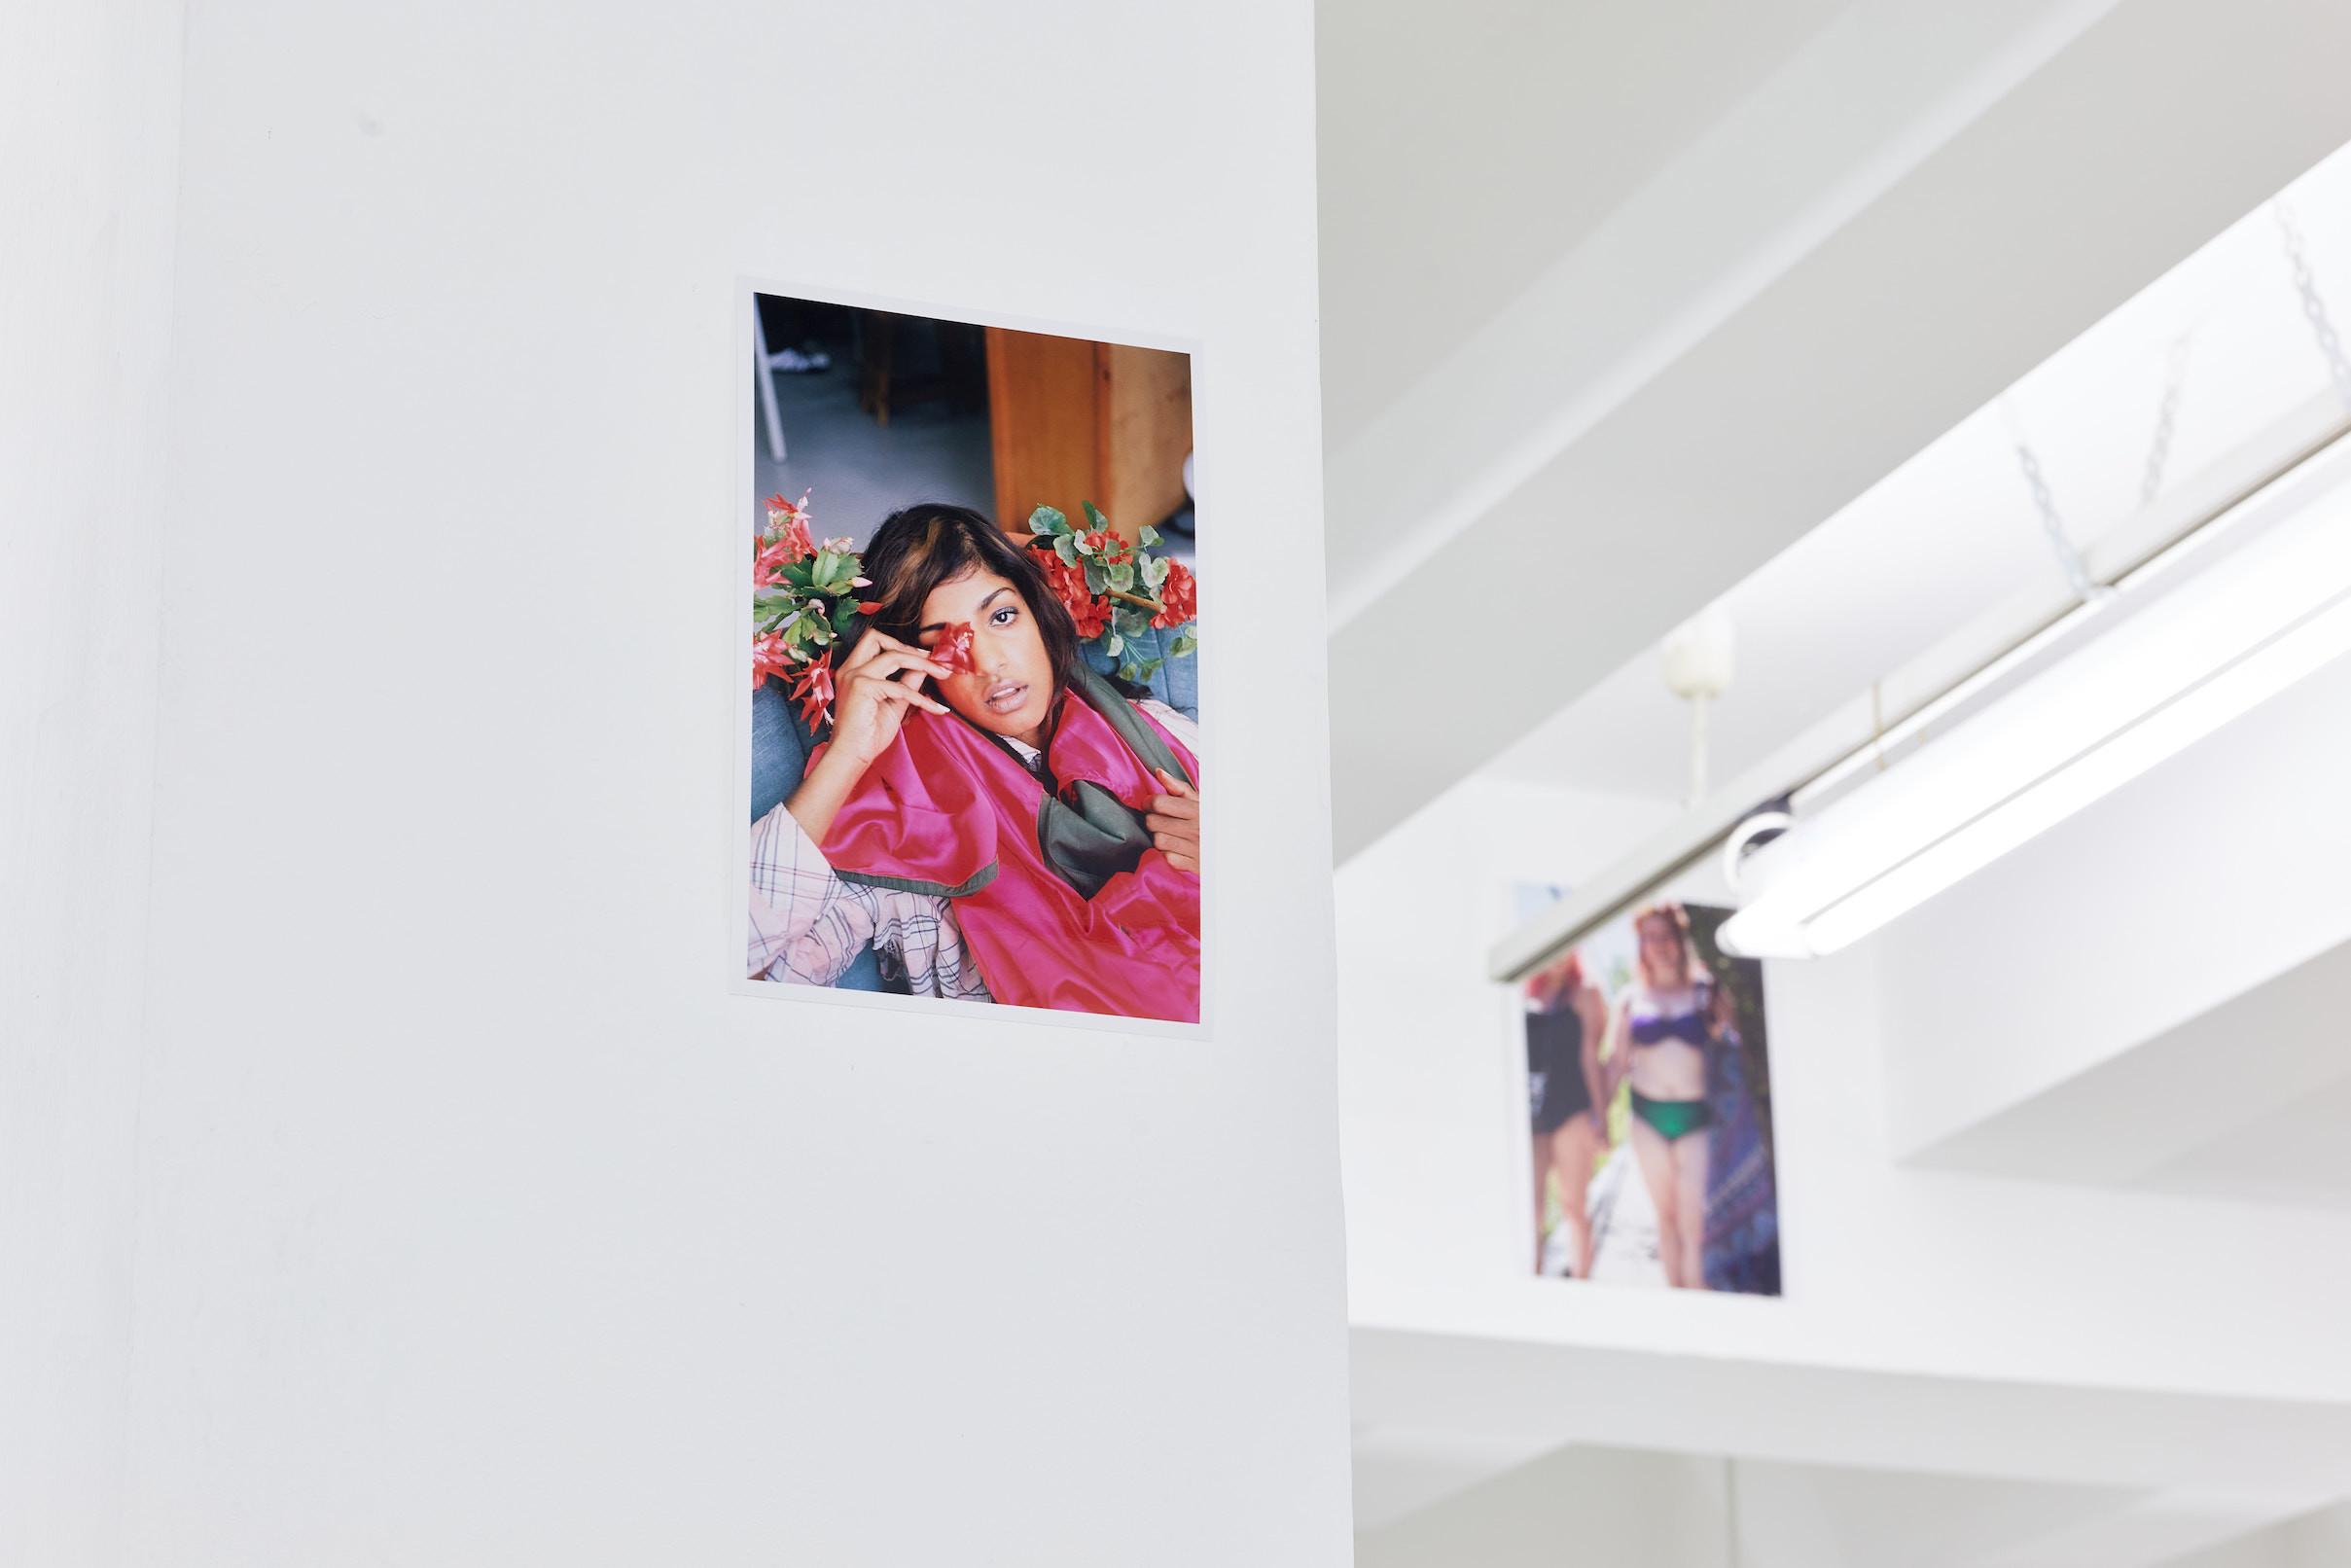 Wolfgang Tillmans: A te tested a tiéd . Kiállítási látkép, Trafó Galéria, 2021. Balra: M.I.A., 2005. Fotó: Biró Dávid